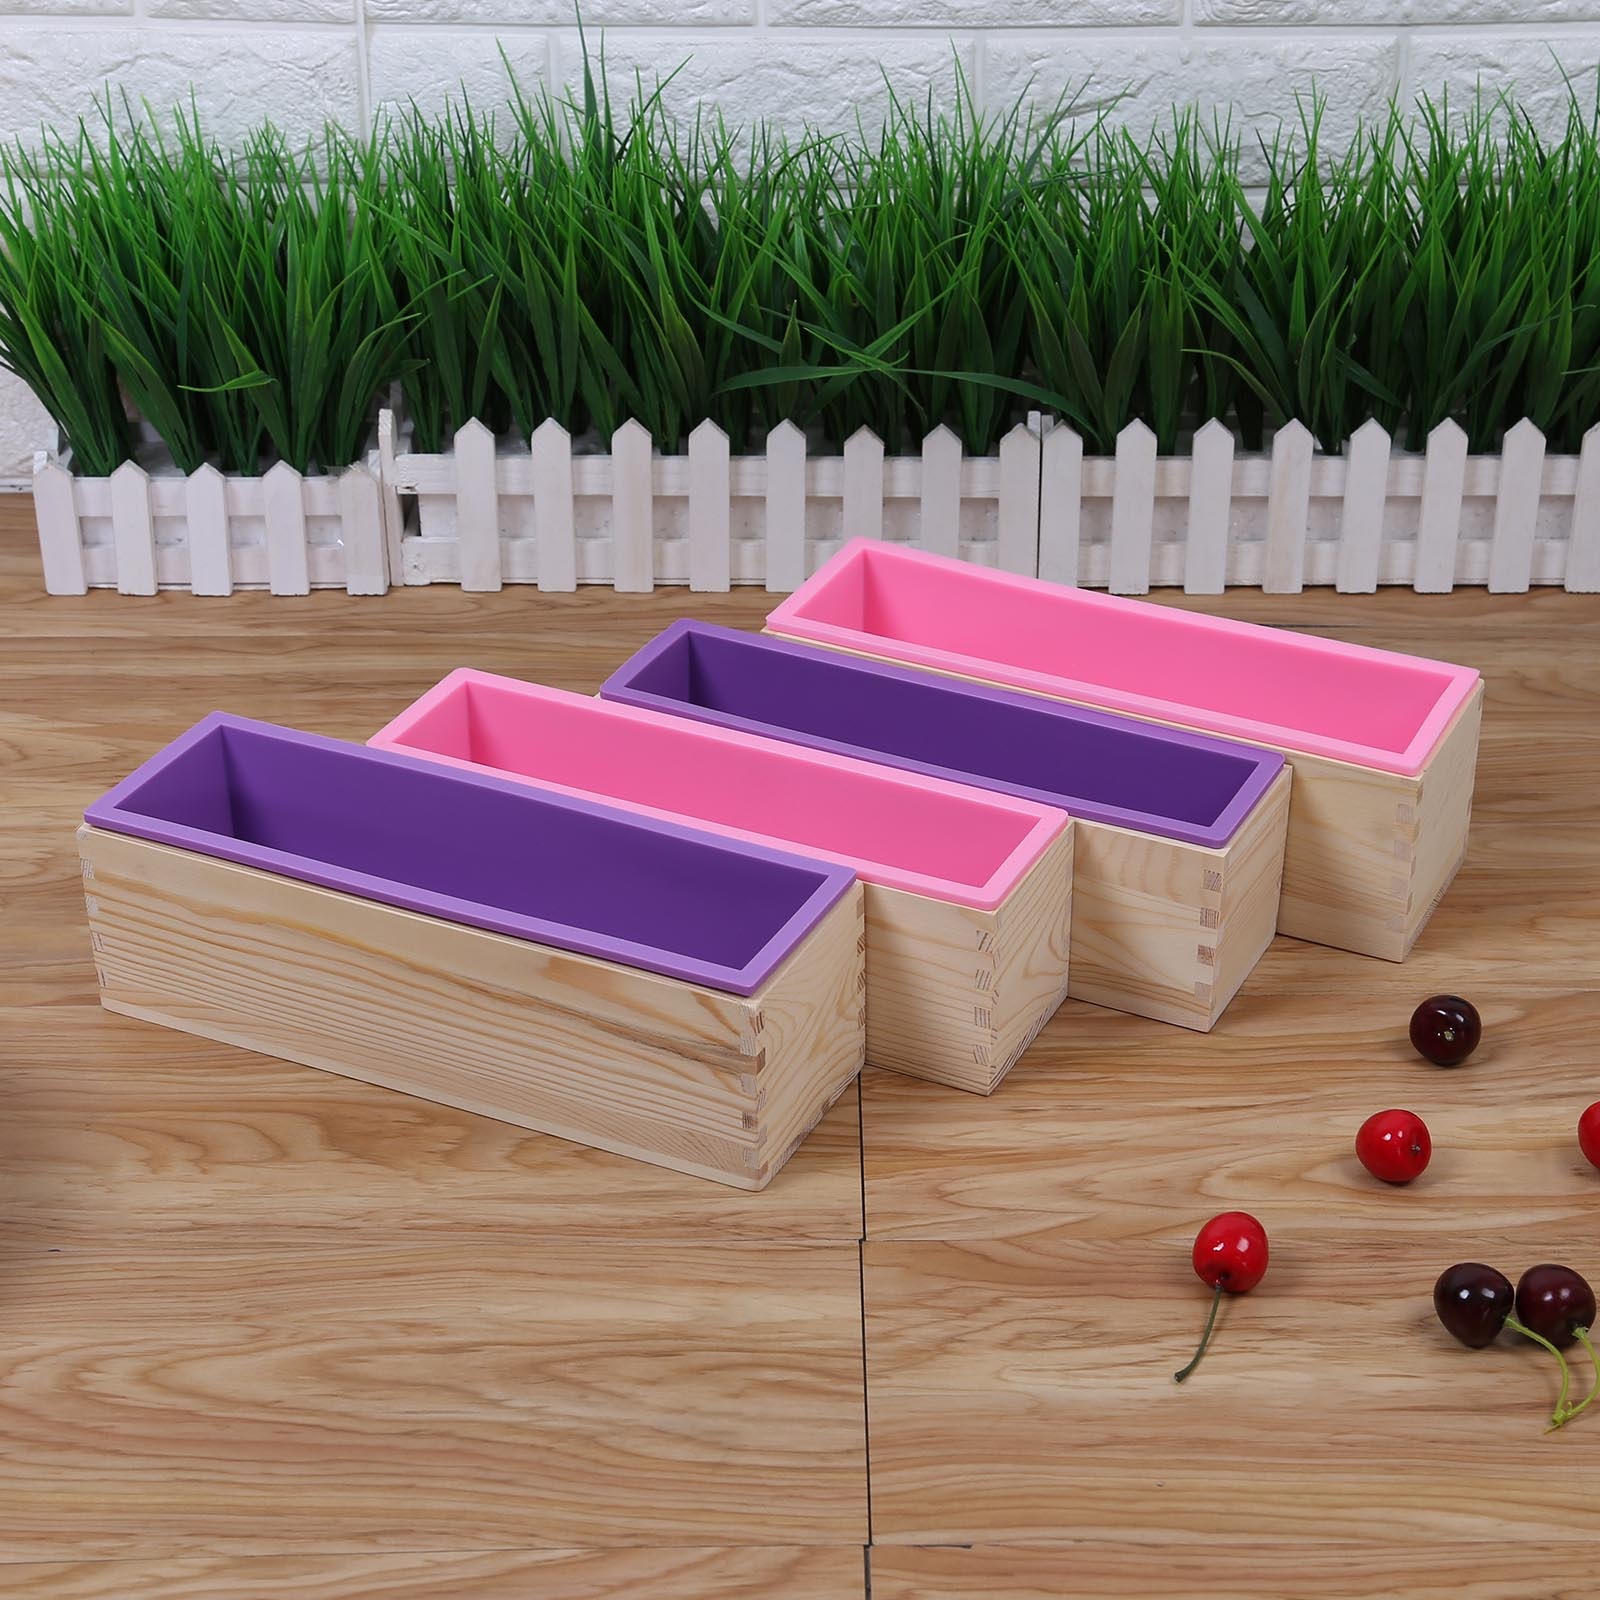 Rectangular Baking Silicone Mold Raw Wooden Box Flexible Cover DIY Handmade Cake Toast Soap Reusable Non-toxic Convenient Tool